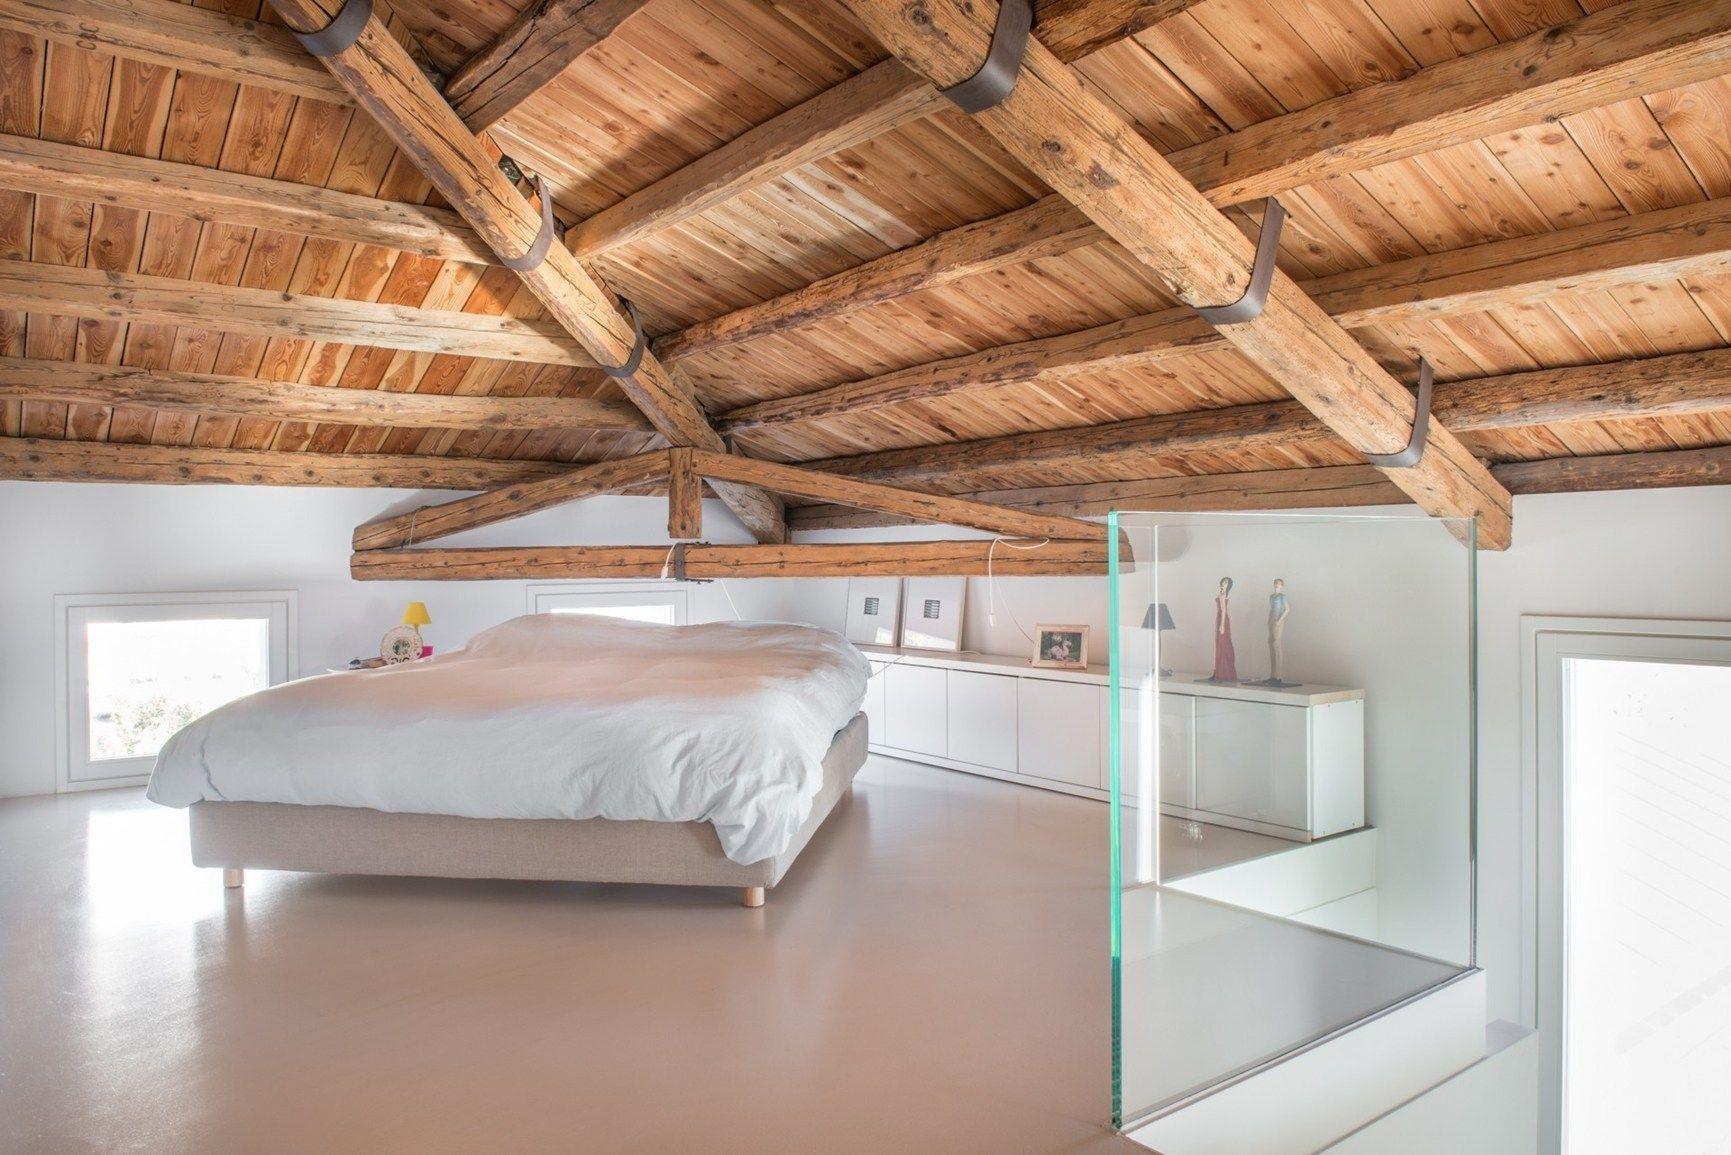 La camera da letto in mansarda - Camera da letto in mansarda bassa ...